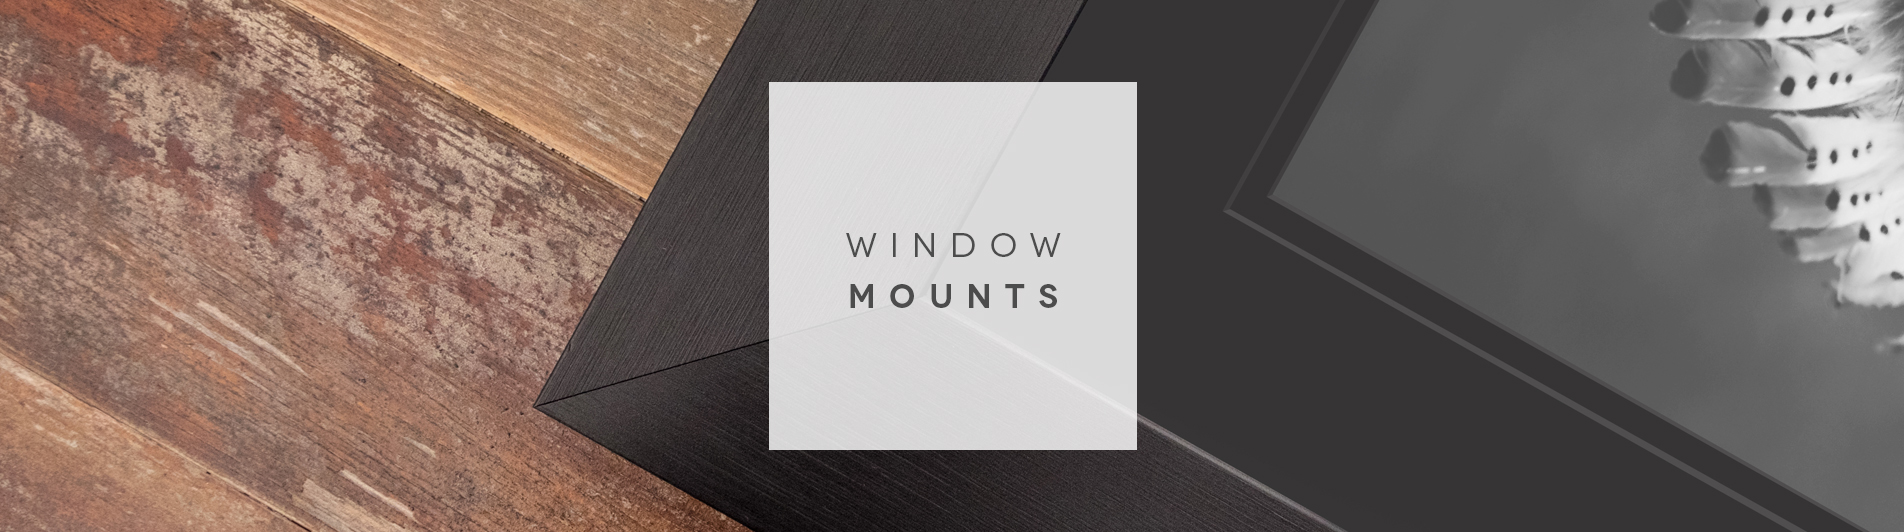 Window Mounts